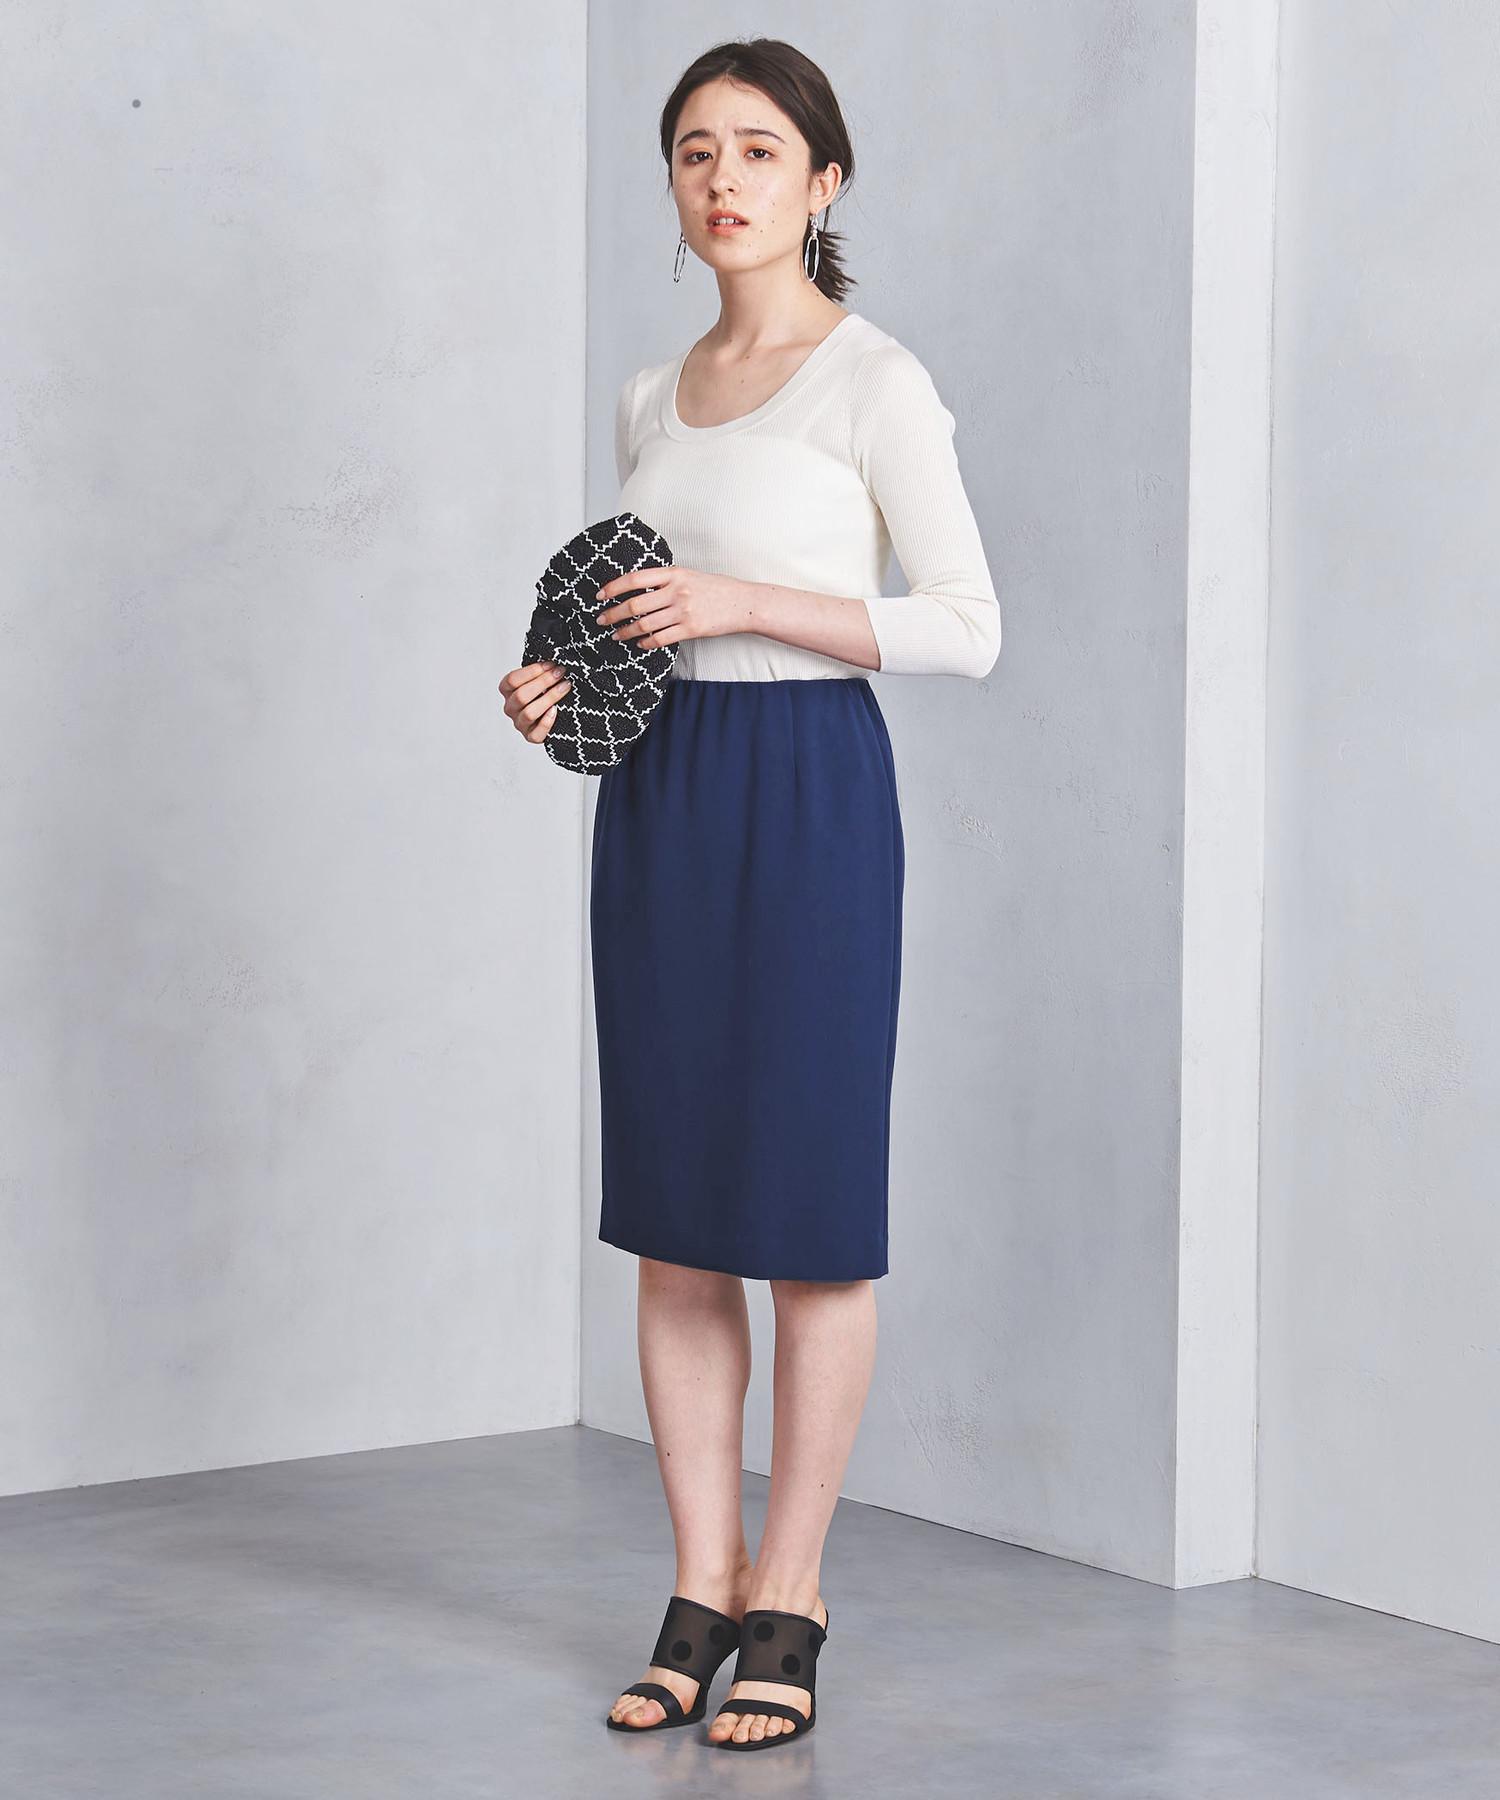 UNITED ARROWS(ユナイテッドアローズ)『UBCB シンプルタイトスカート』